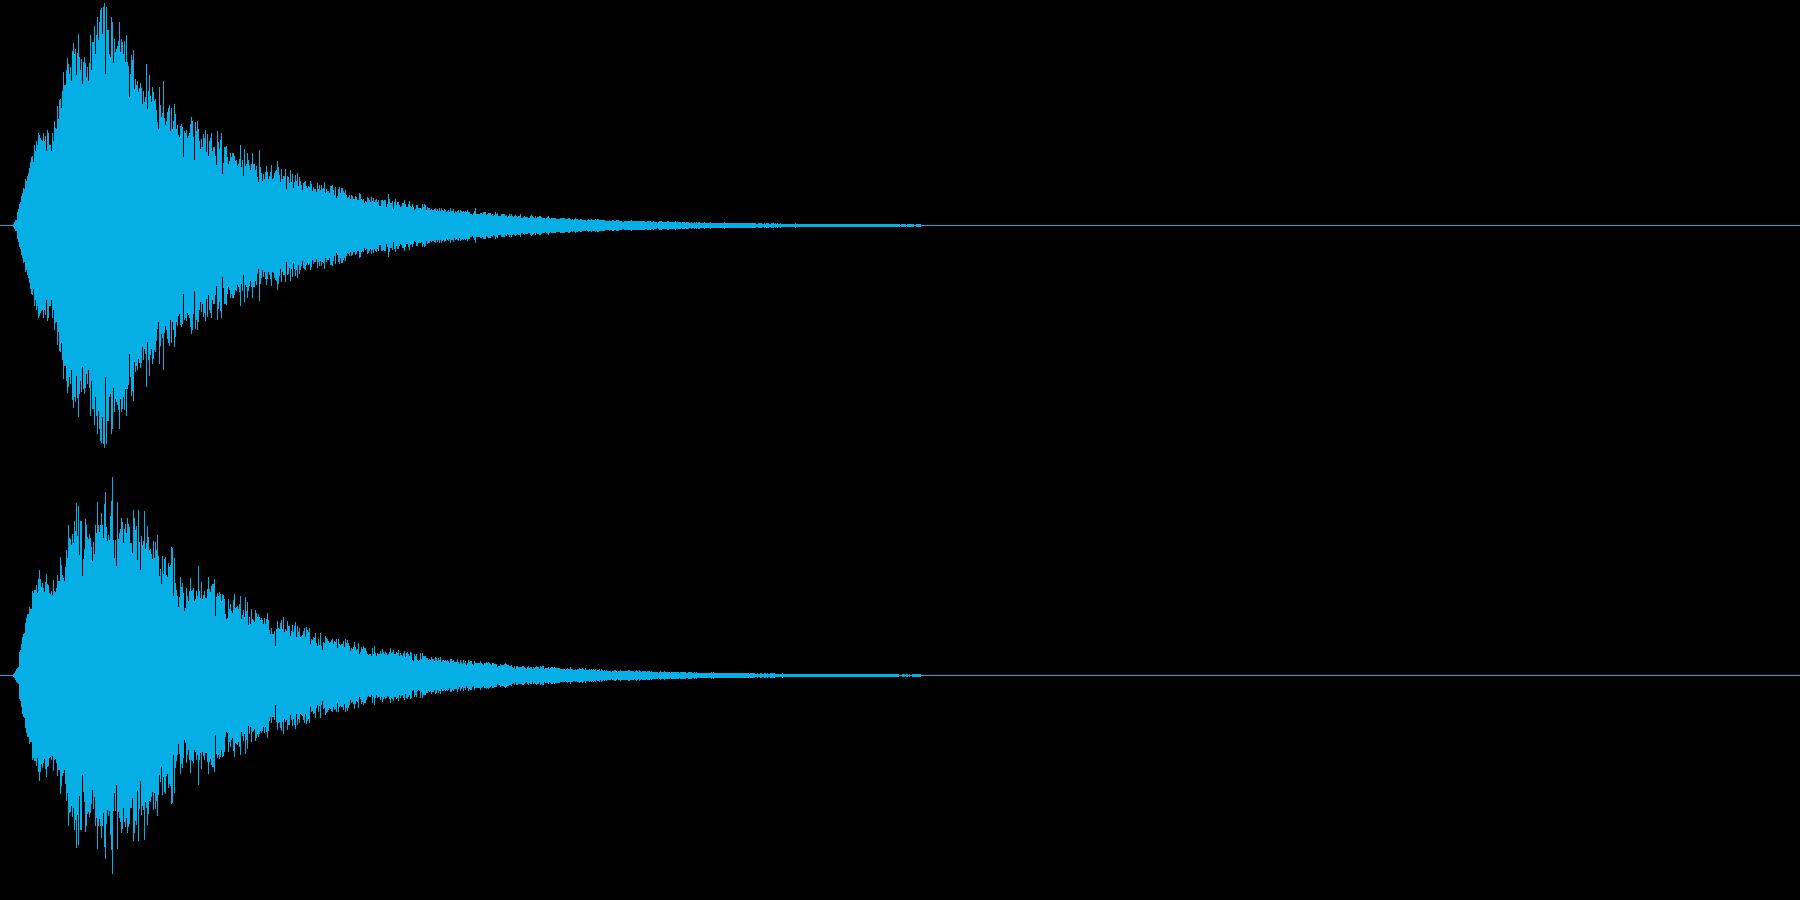 キュピーン 光 魔法効果 未来感の再生済みの波形